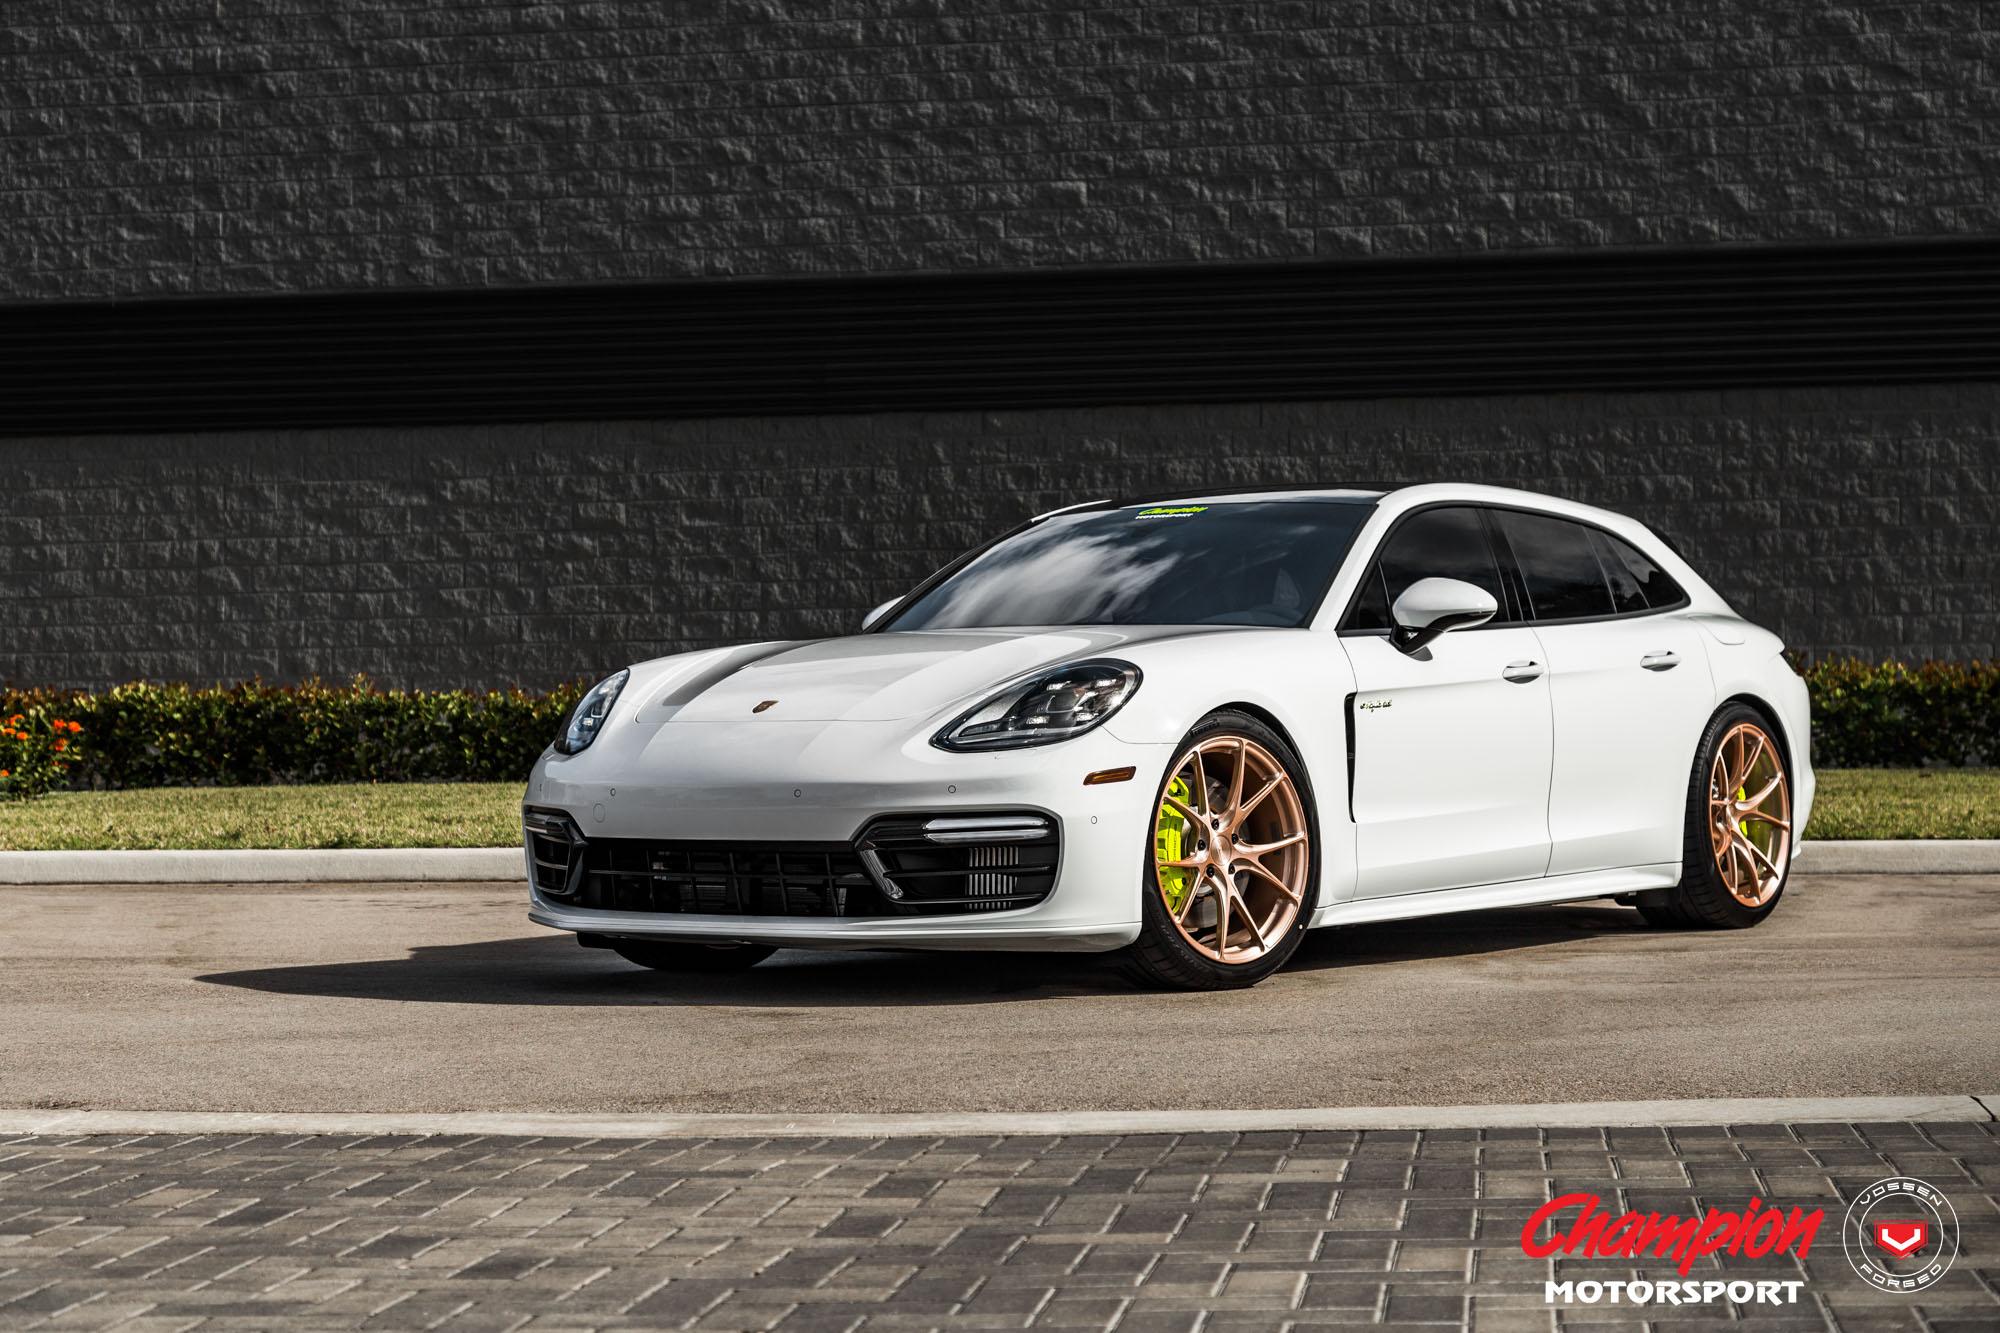 Porsche Panamera Sport Turismo On Gold Vossen Wheels Is